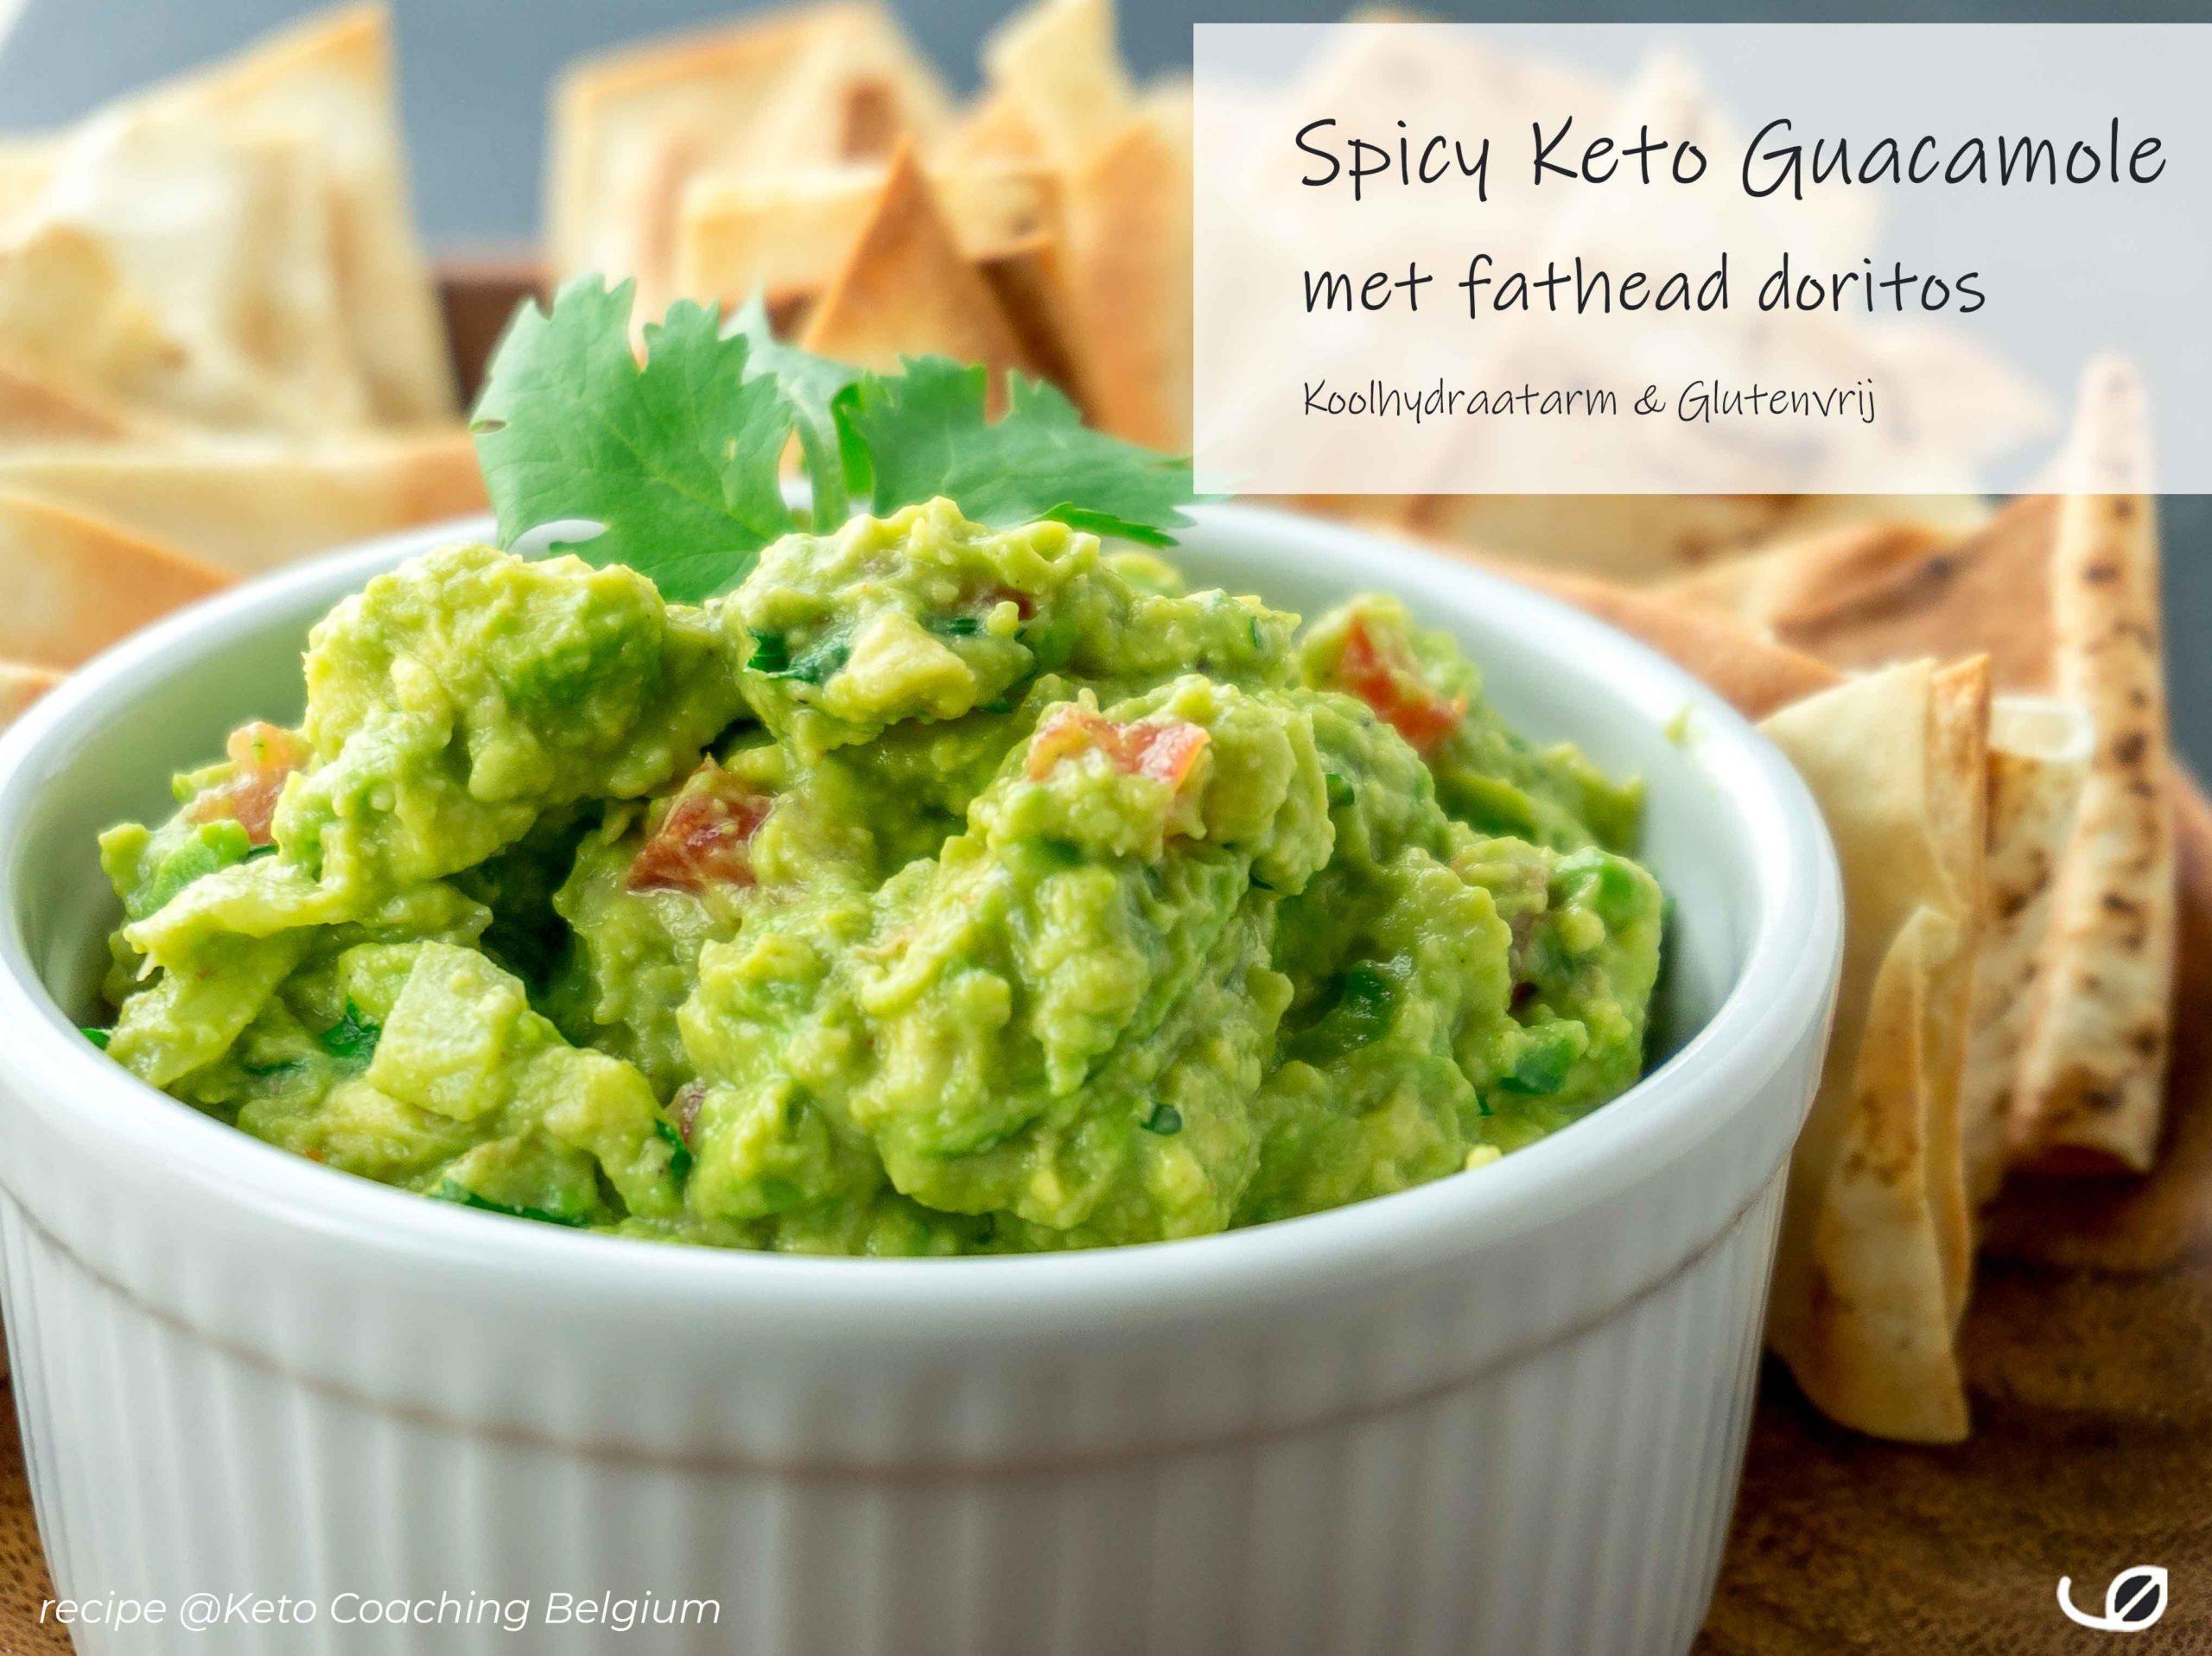 Spicy Keto Guacamole met fathead doritos